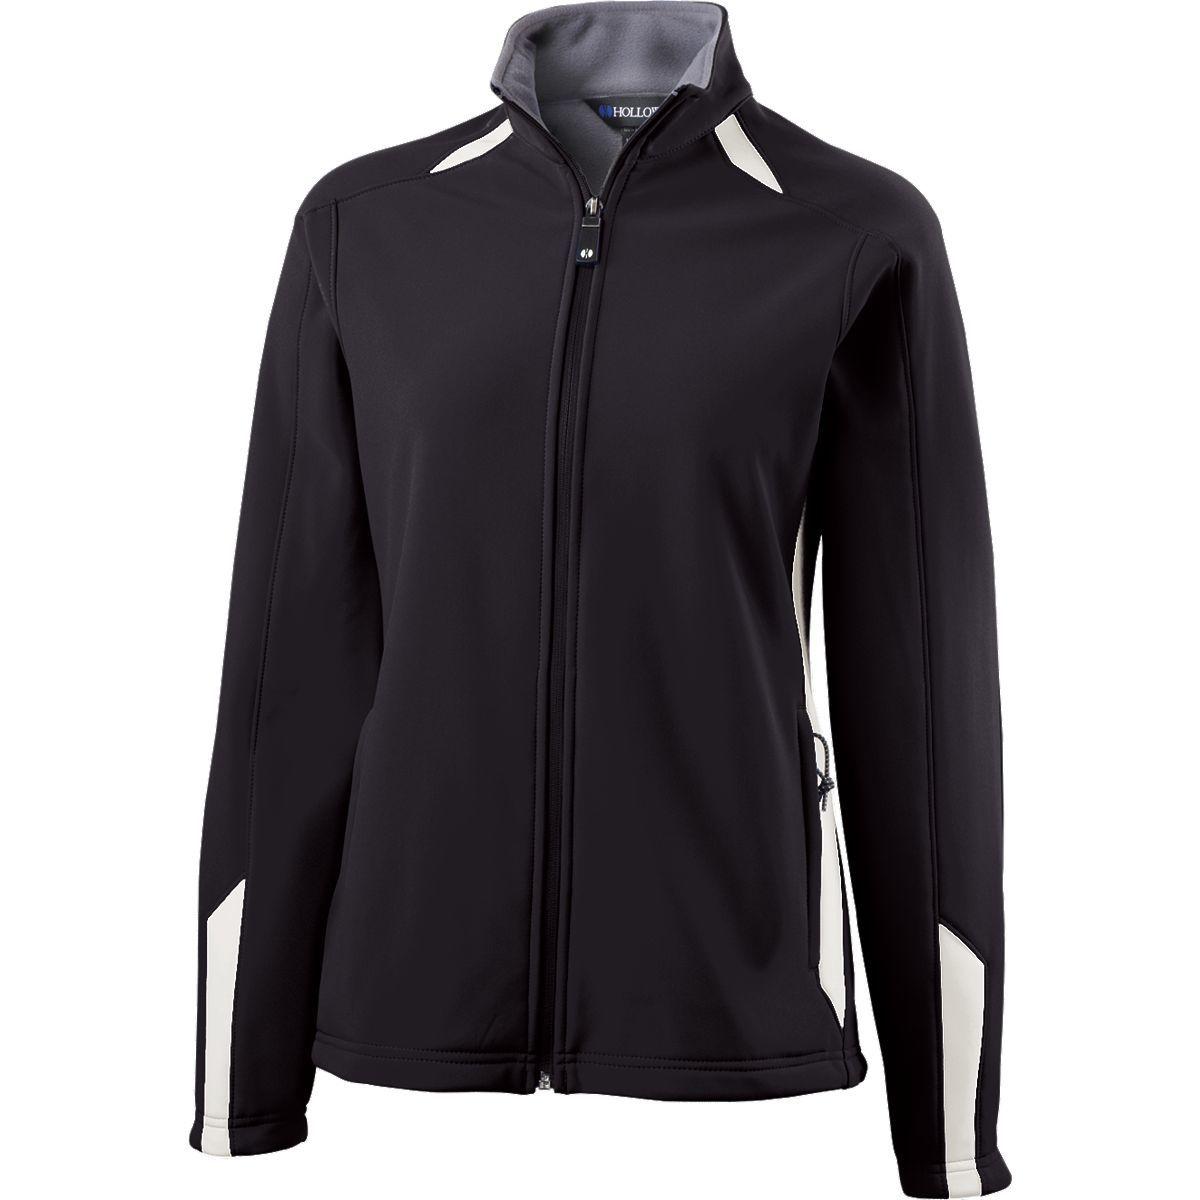 Ladies Vortex Jacket  - BLACK/WHITE